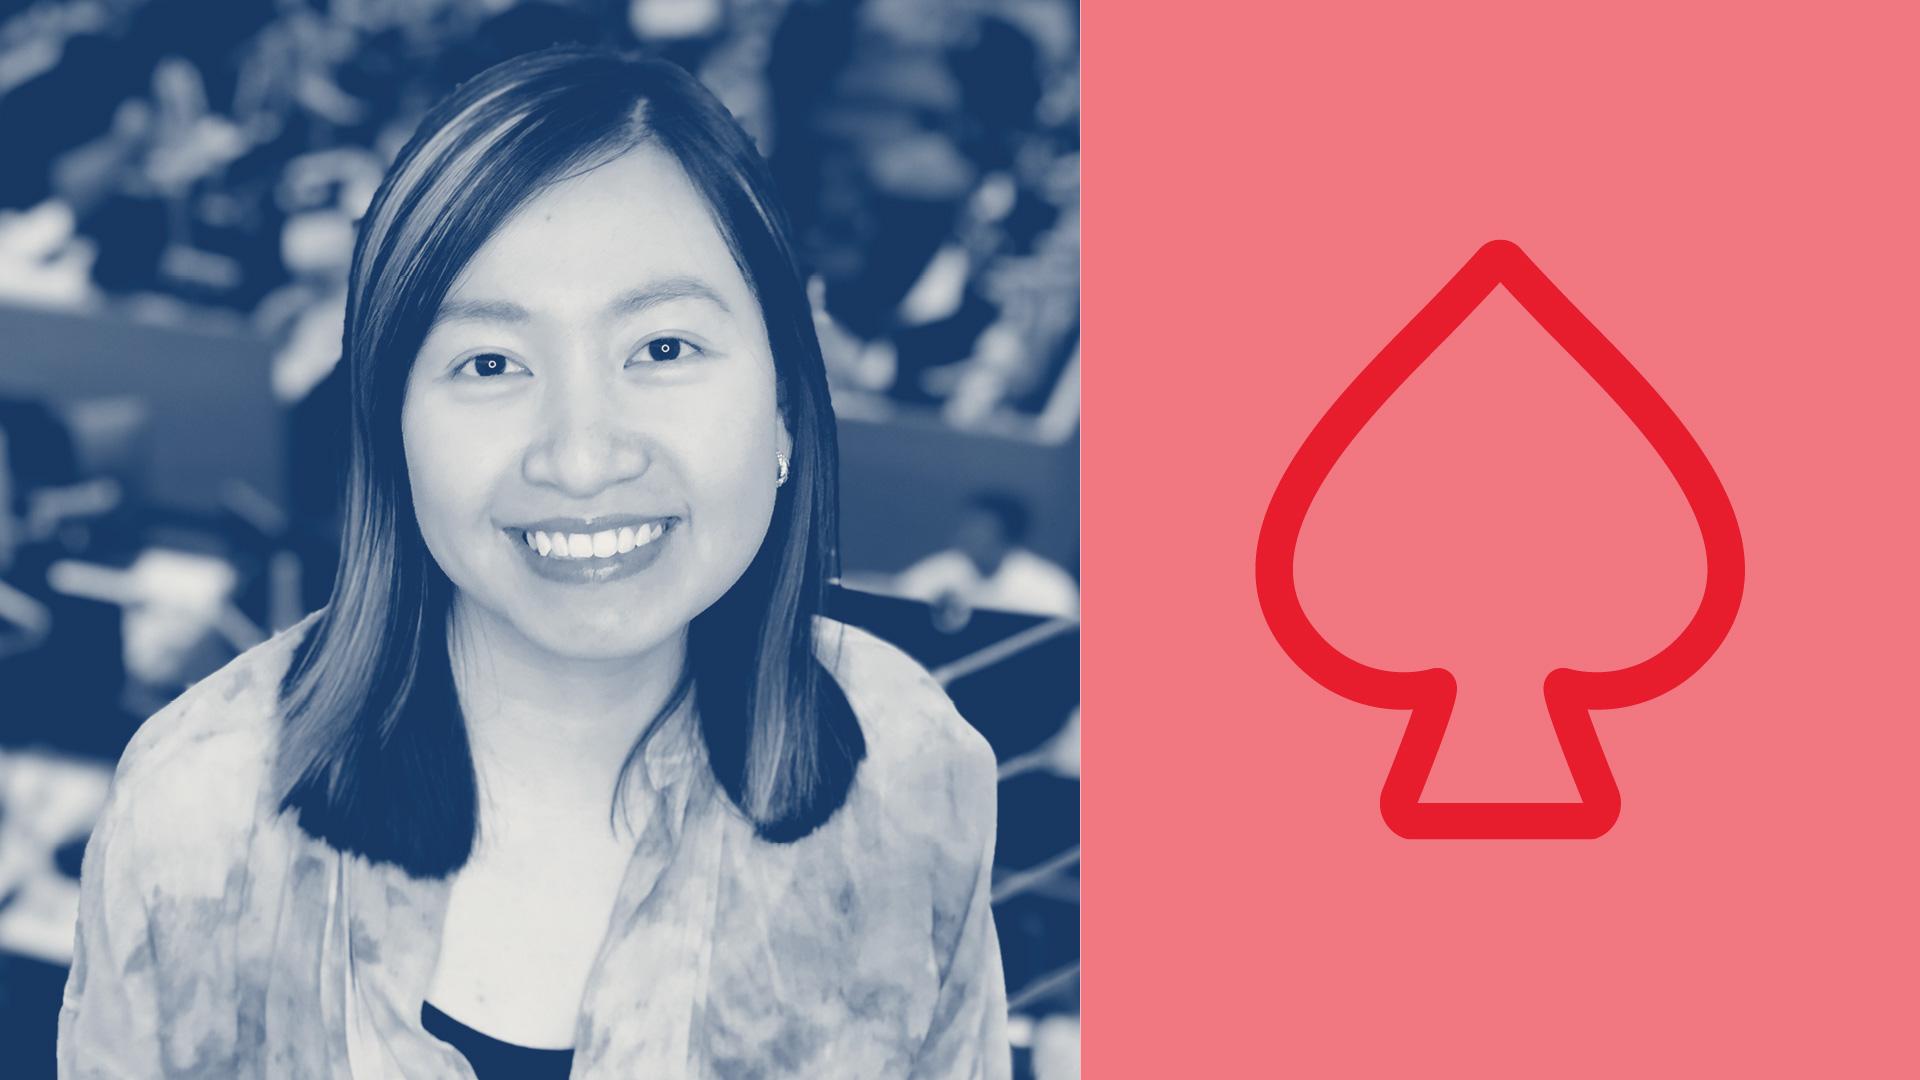 Meet ace programmer and poker player Lan Quach